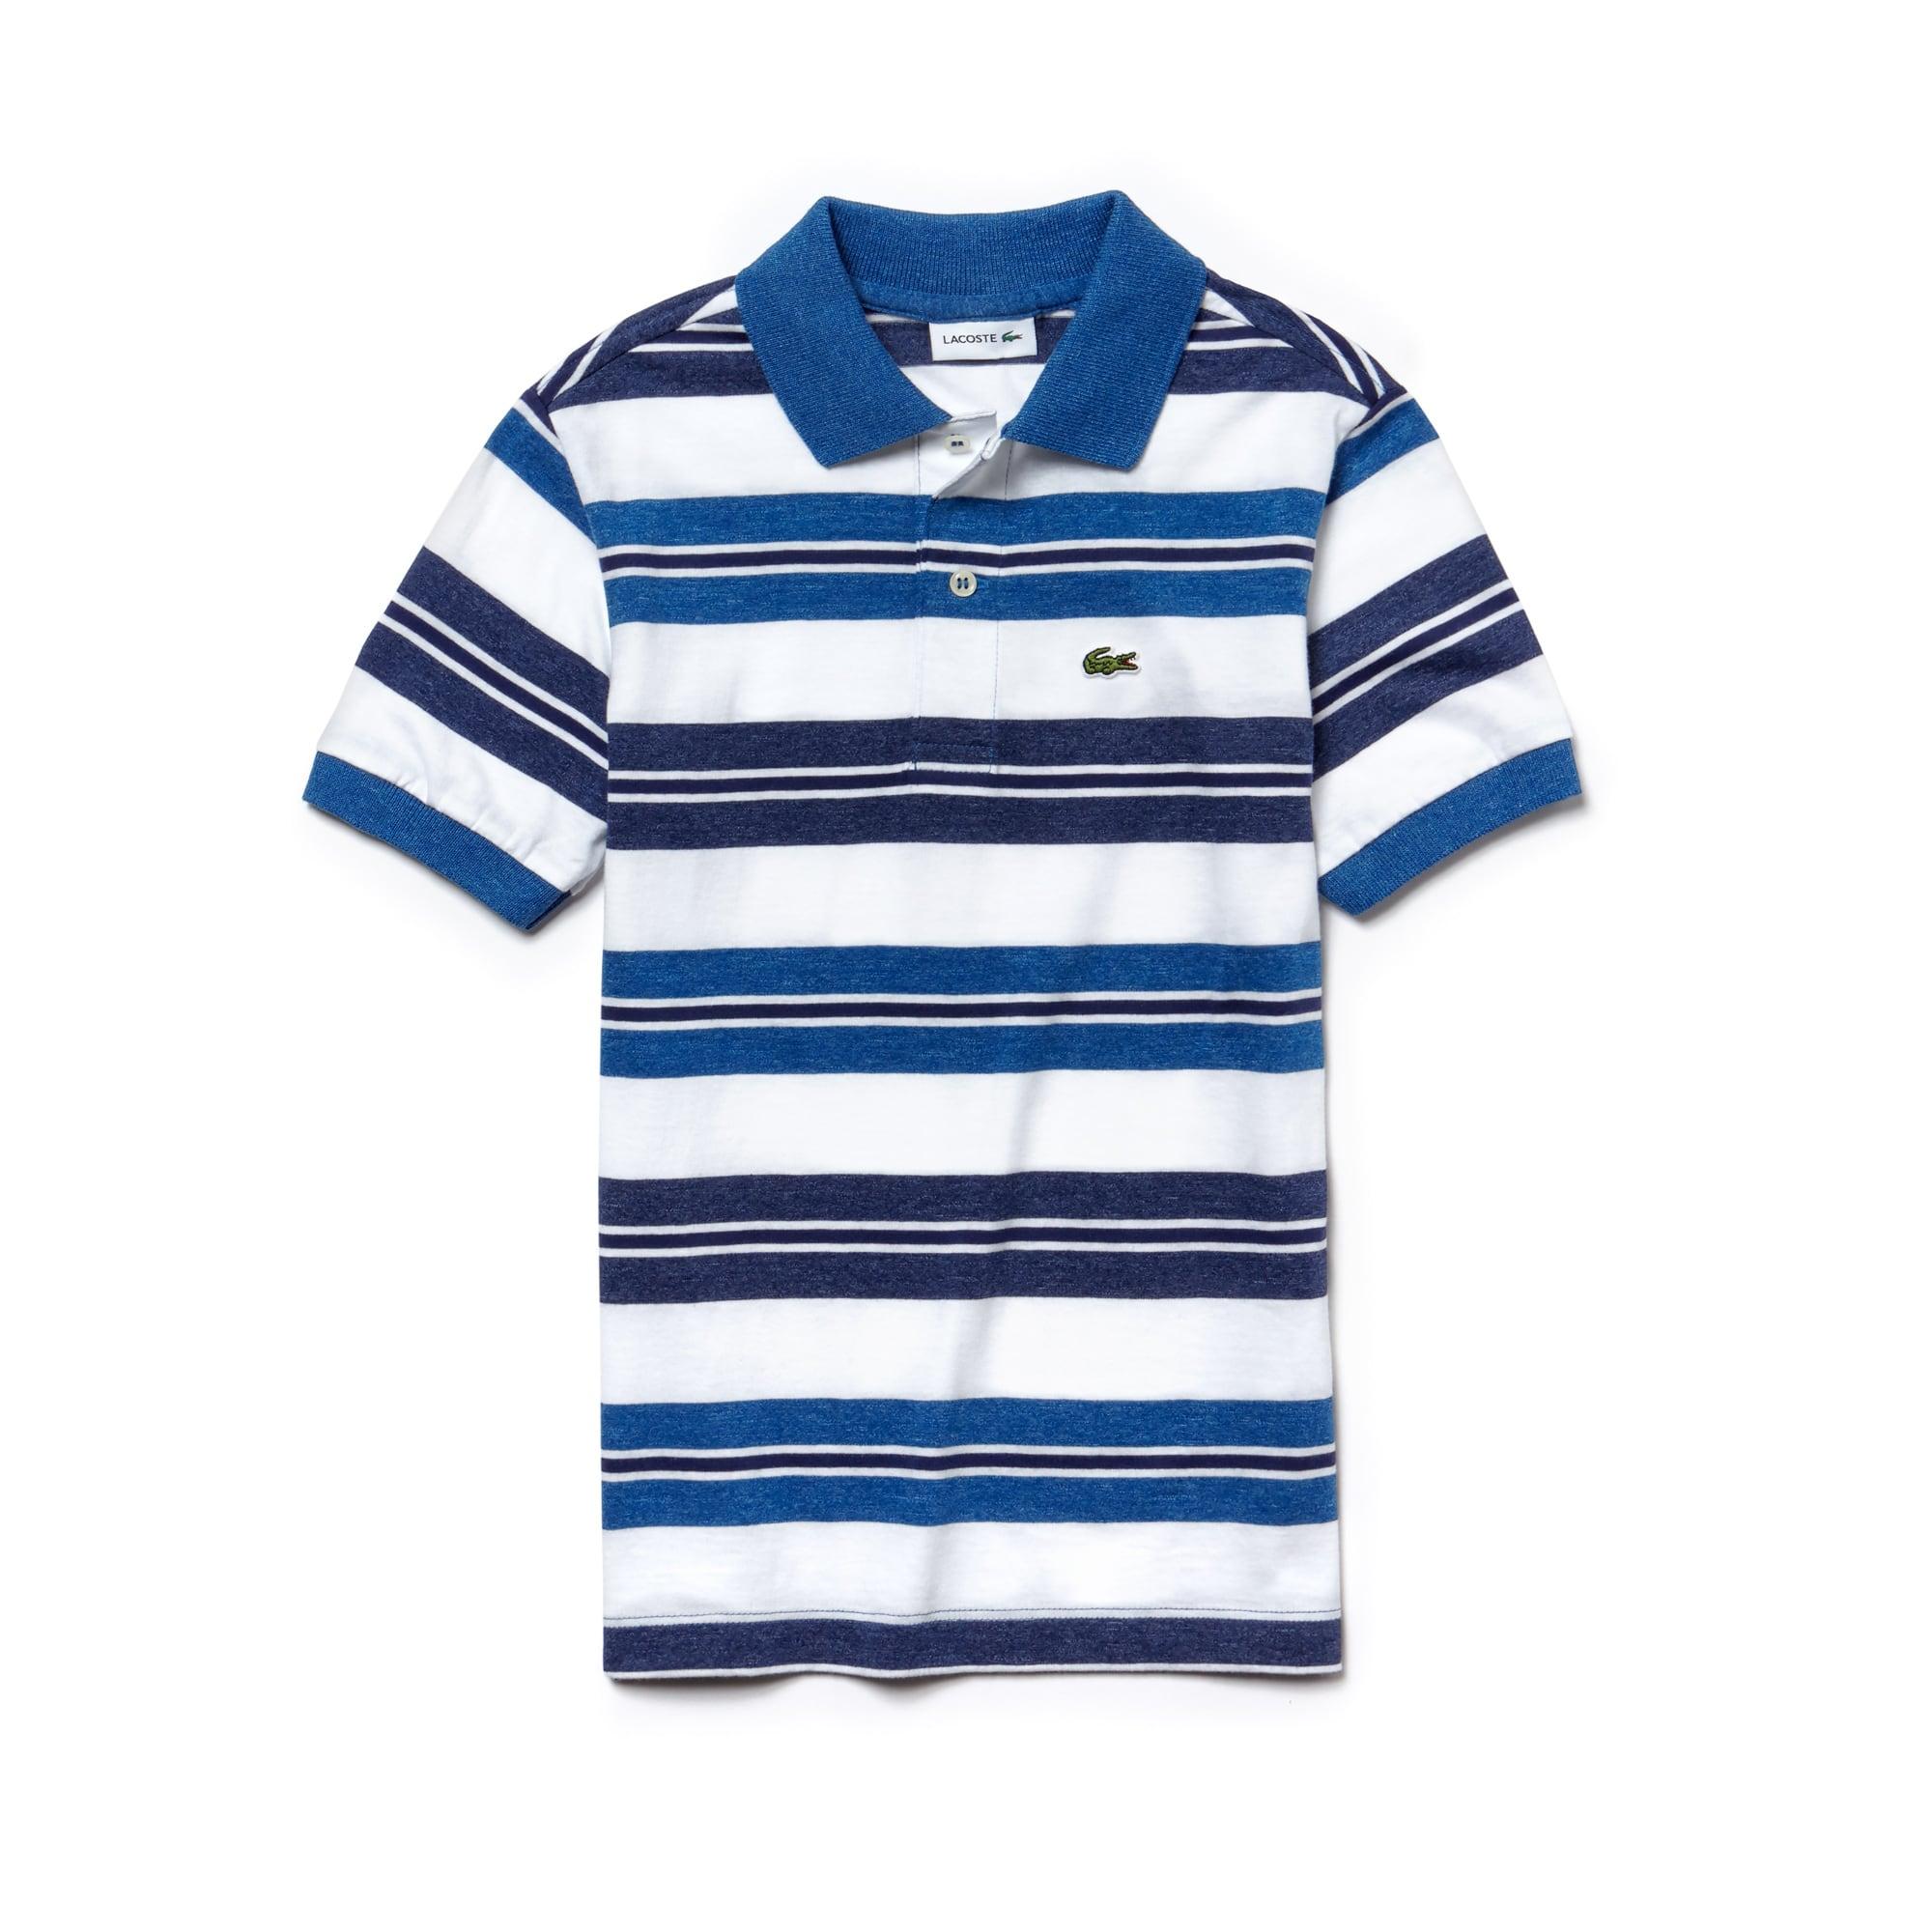 LACOSTE Jungen-Poloshirt aus gestreiftem Baumwolljersey